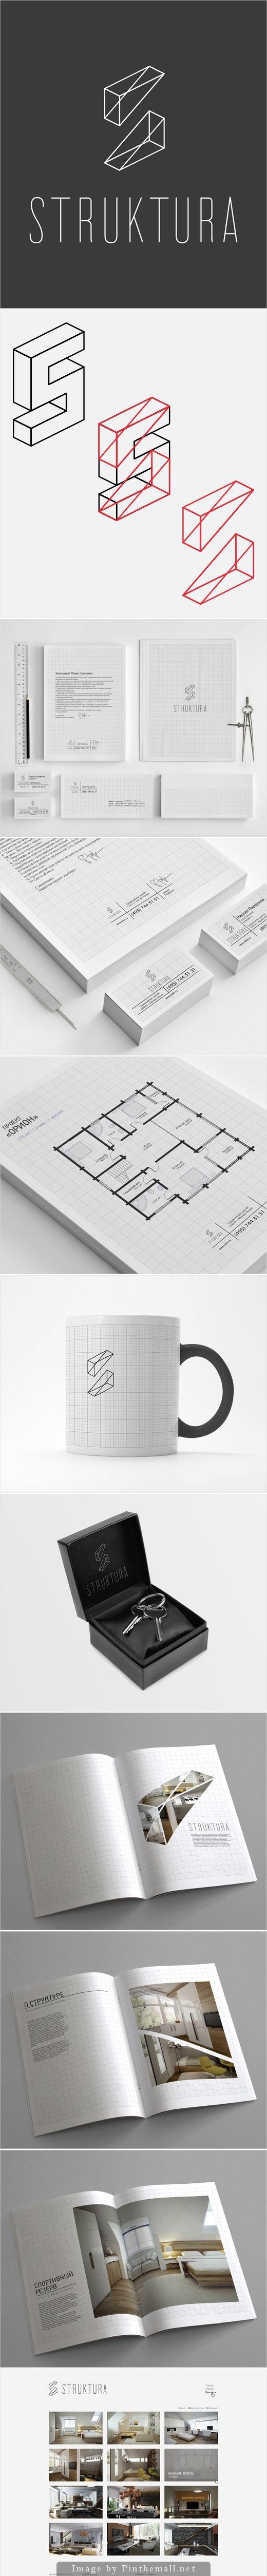 Struktura by Sergey Semenov